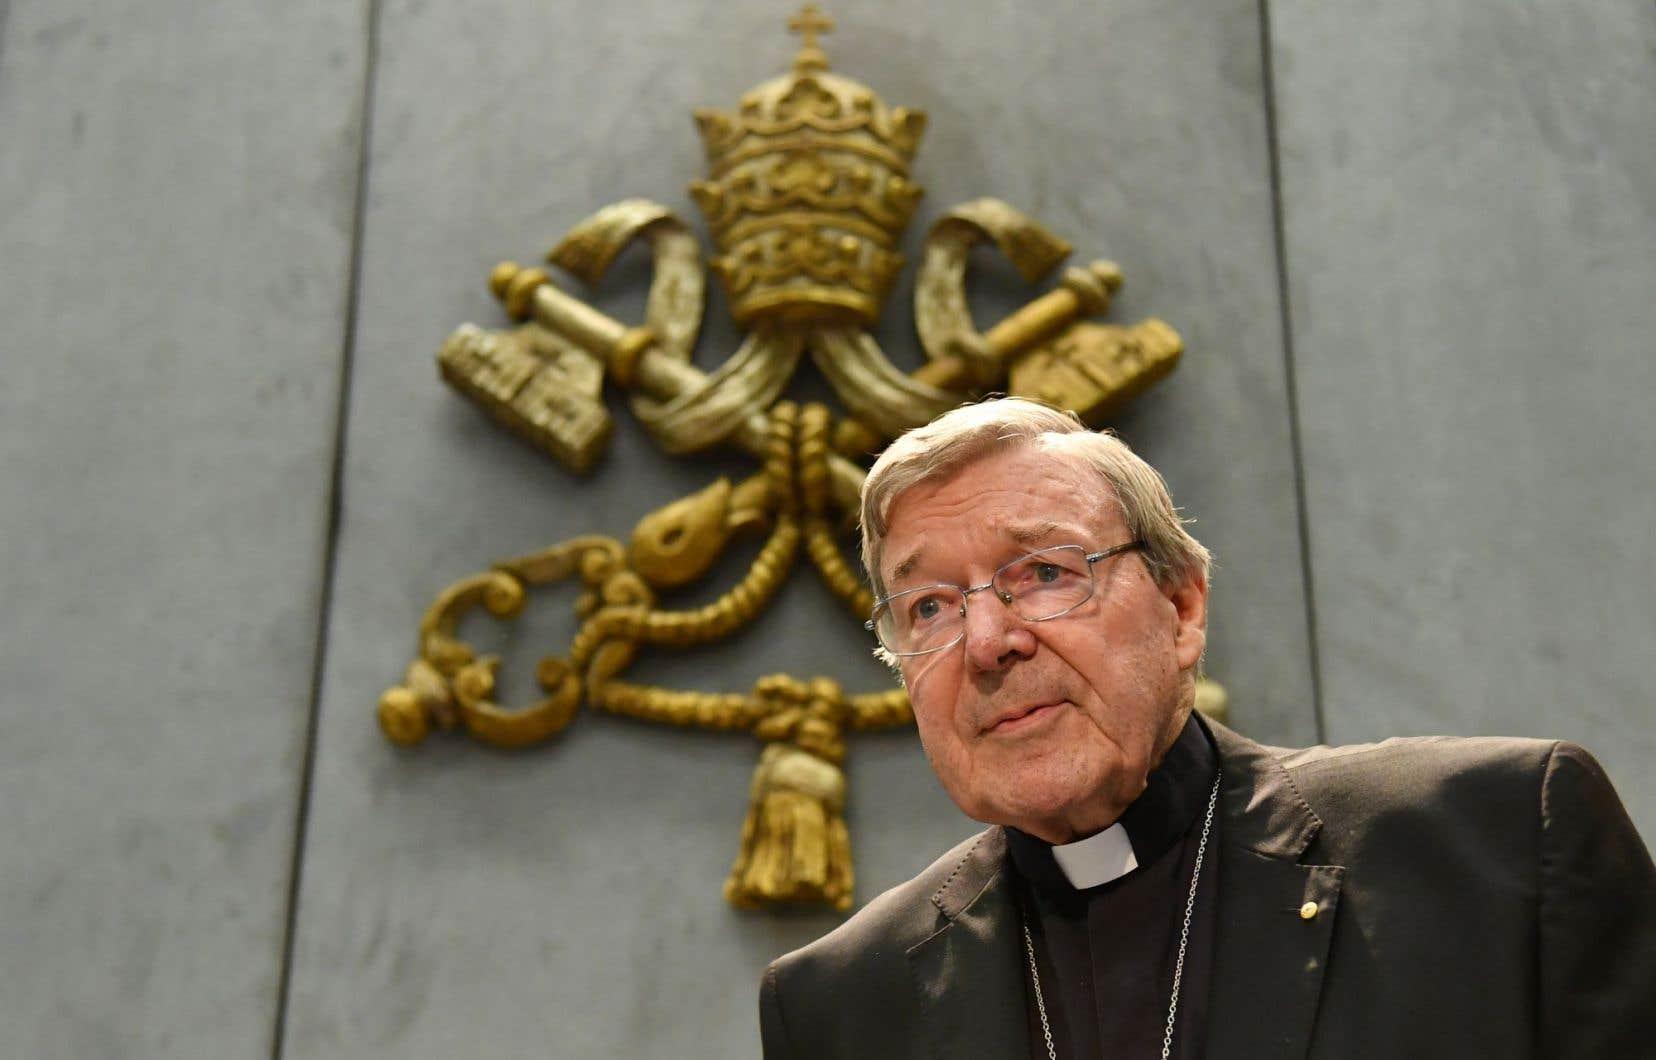 Le cardinal George Pell au Vatican, après son inculpation pour des soupçons d'agression sexuelle, le 29 juin dernier.